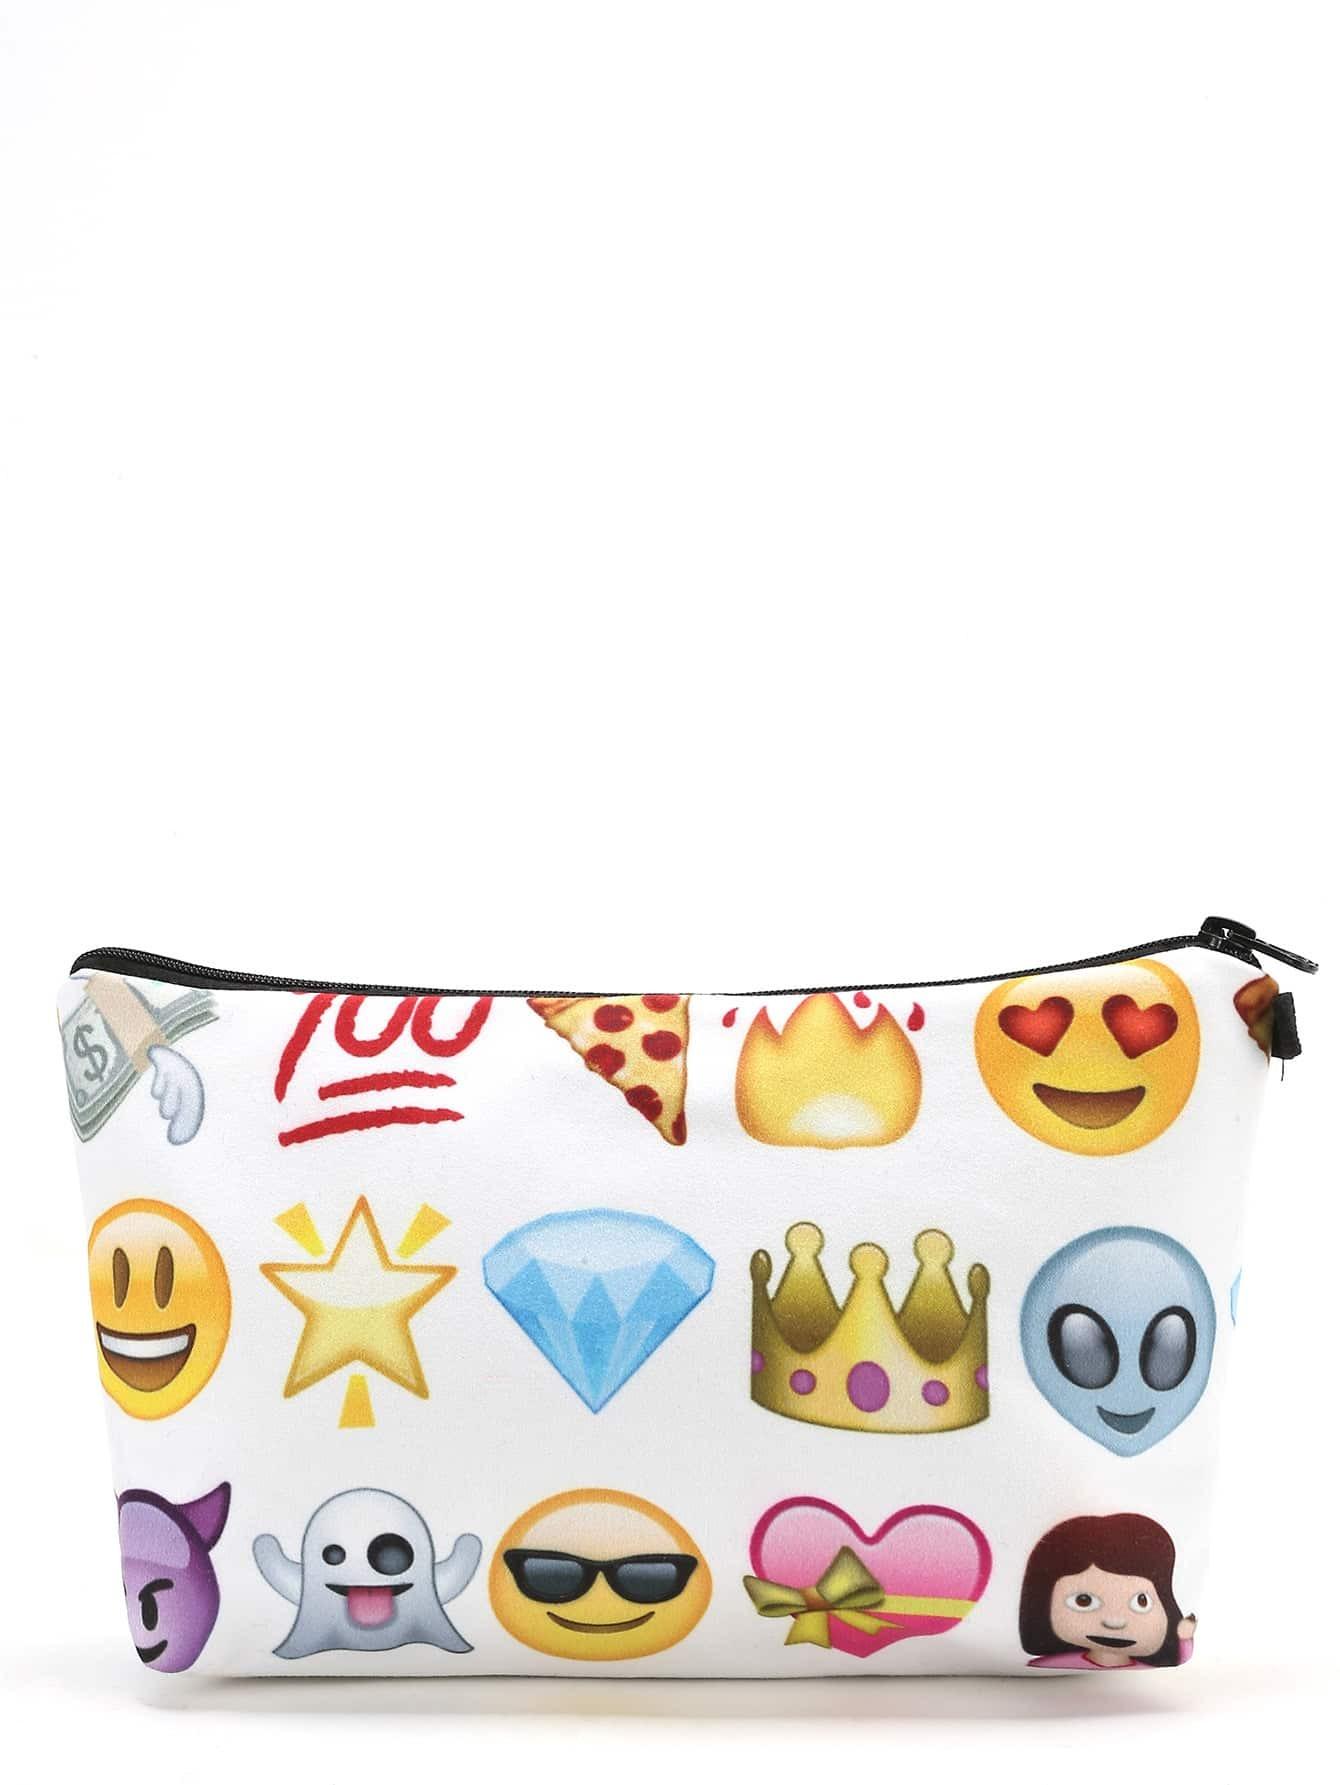 Emoji Print Makeup Bag